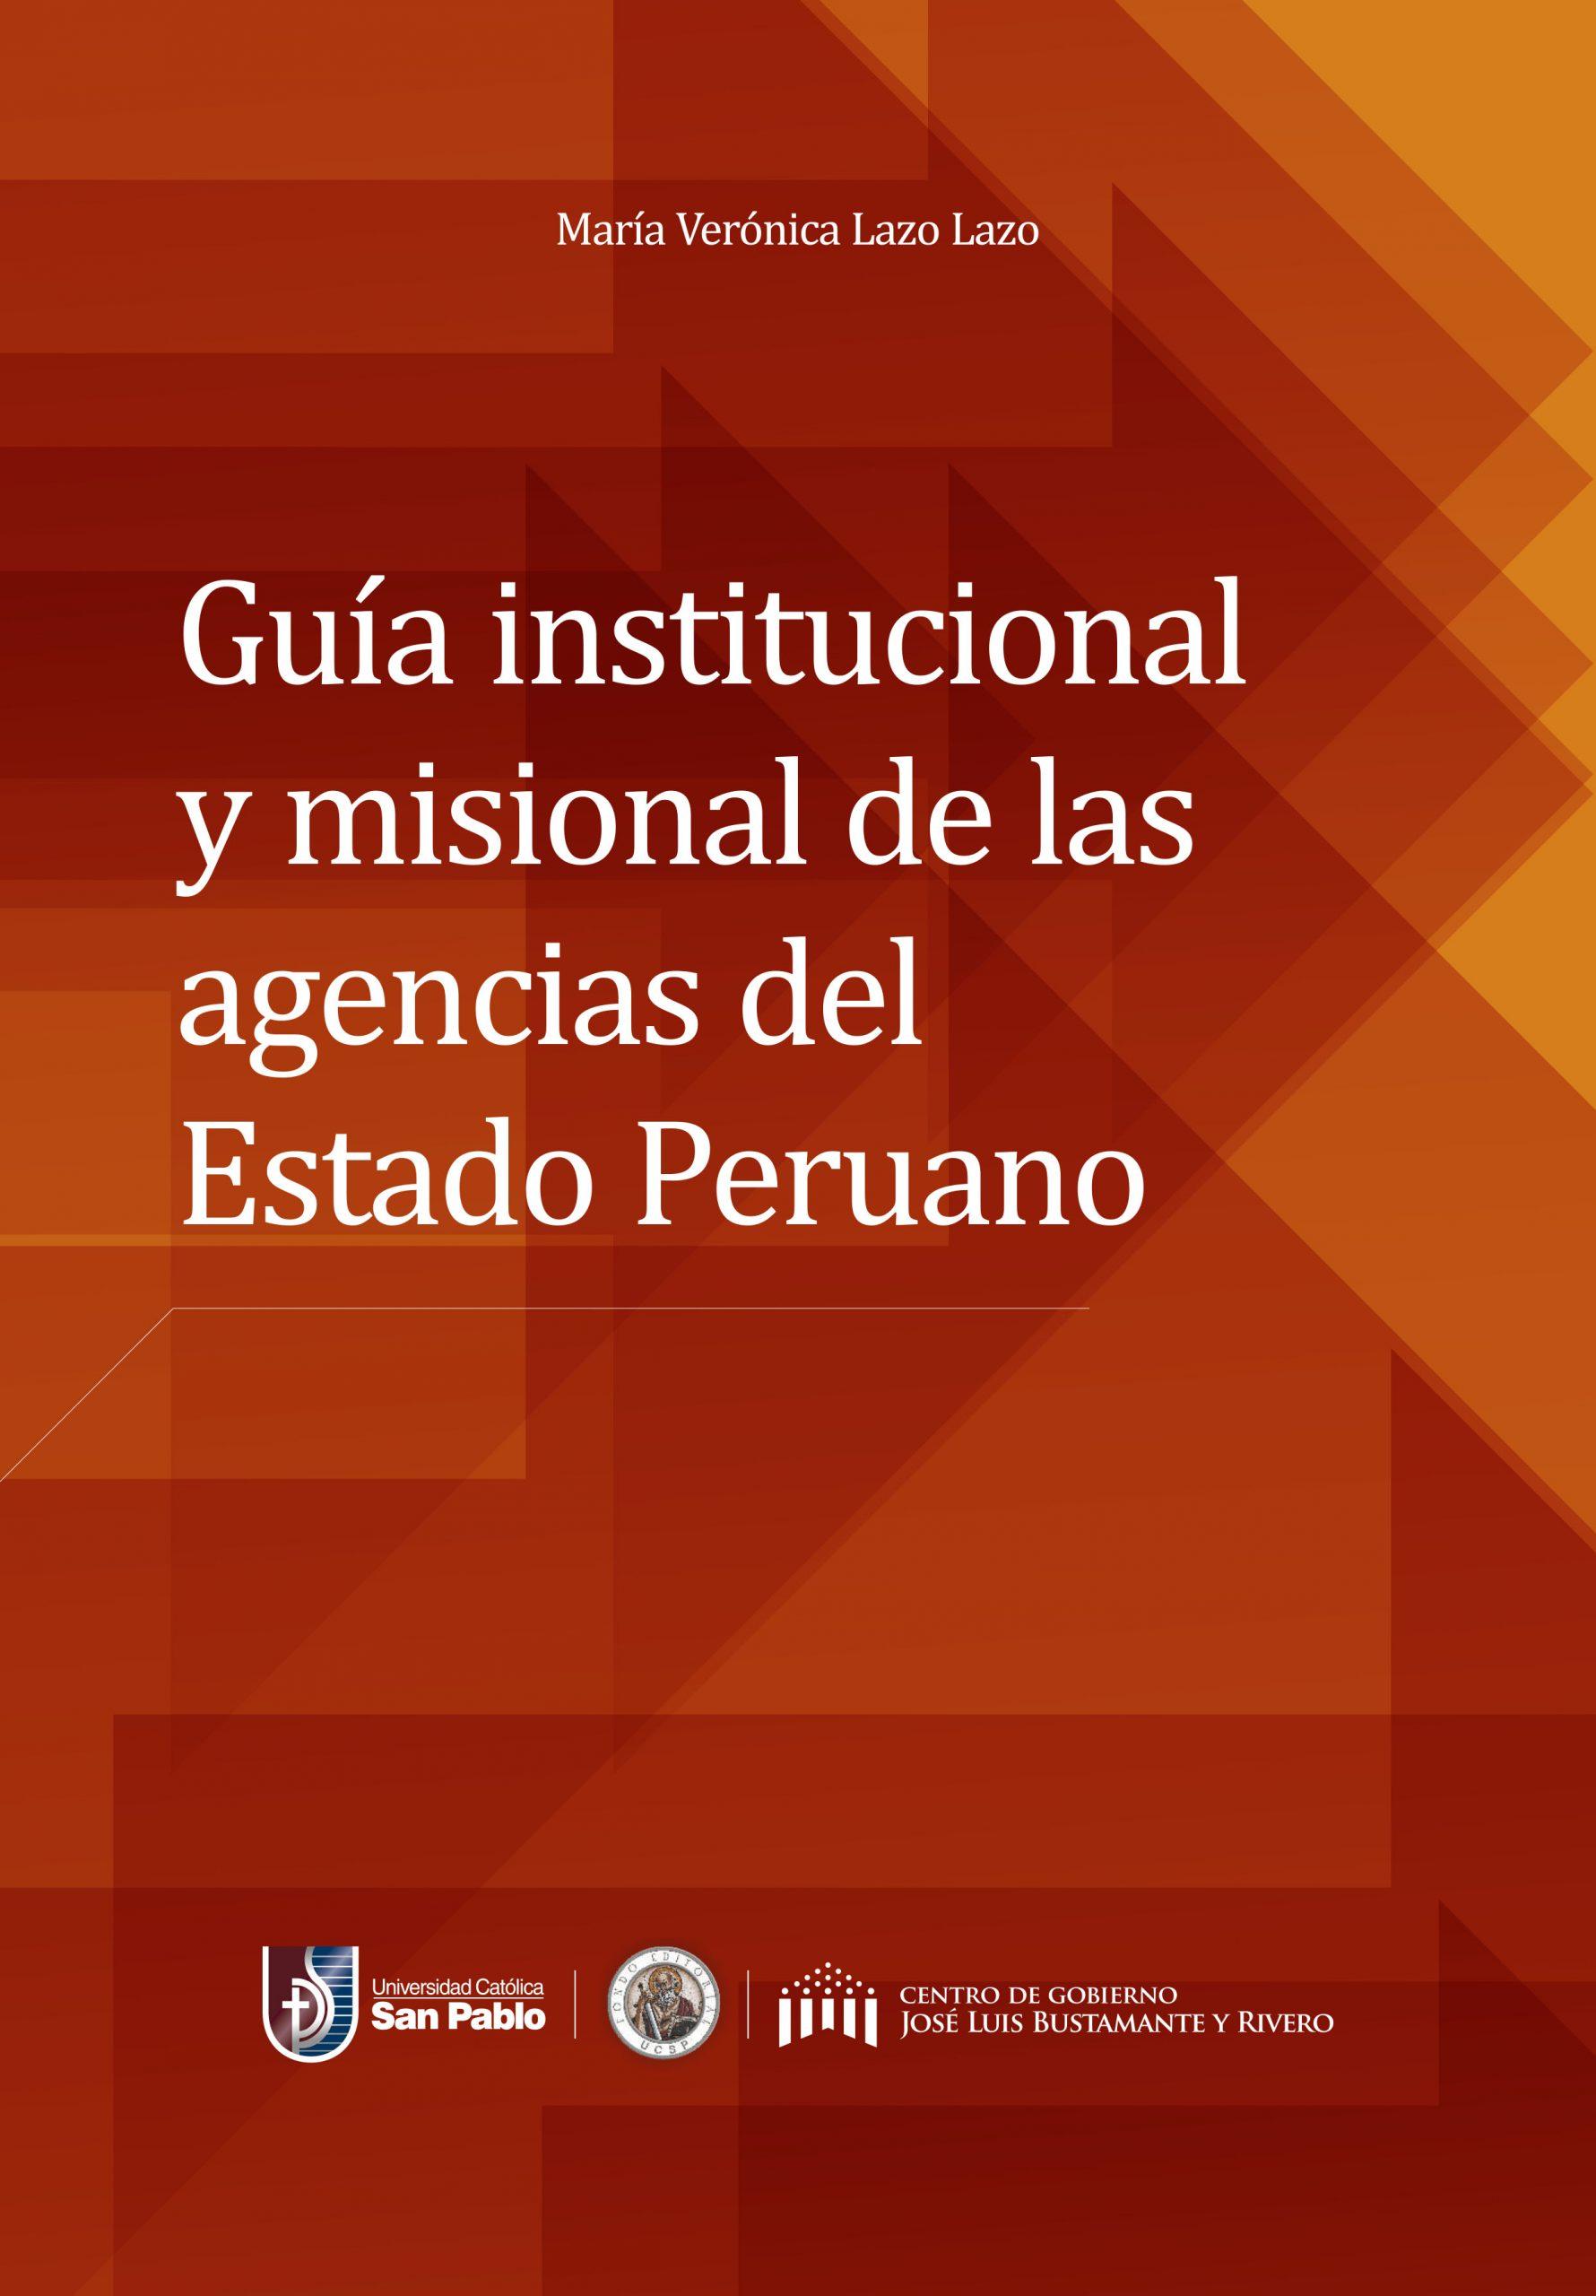 GUÍA INSTITUCIONAL Y MISIONAL DE LAS AGENCIAS DEL ESTADO PERUANO scaled